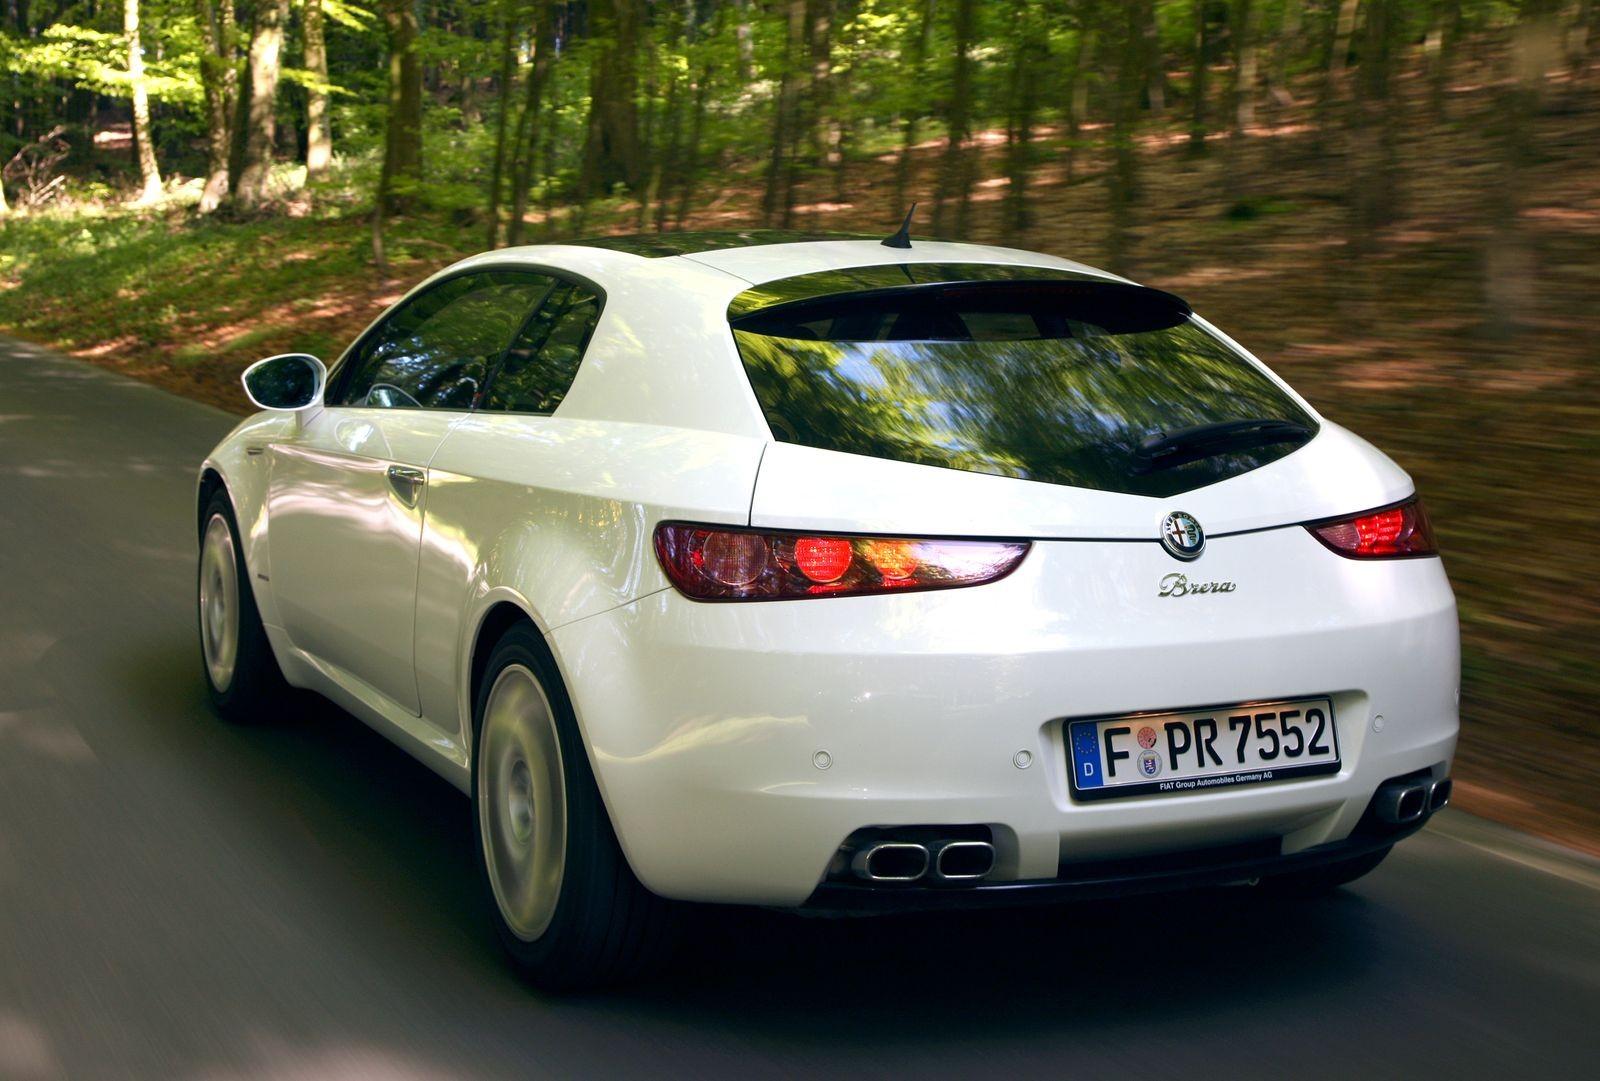 Почти безопасная тяга к прекрасному: стоит ли покупать Alfa Romeo Brera за 900 тысяч рублей